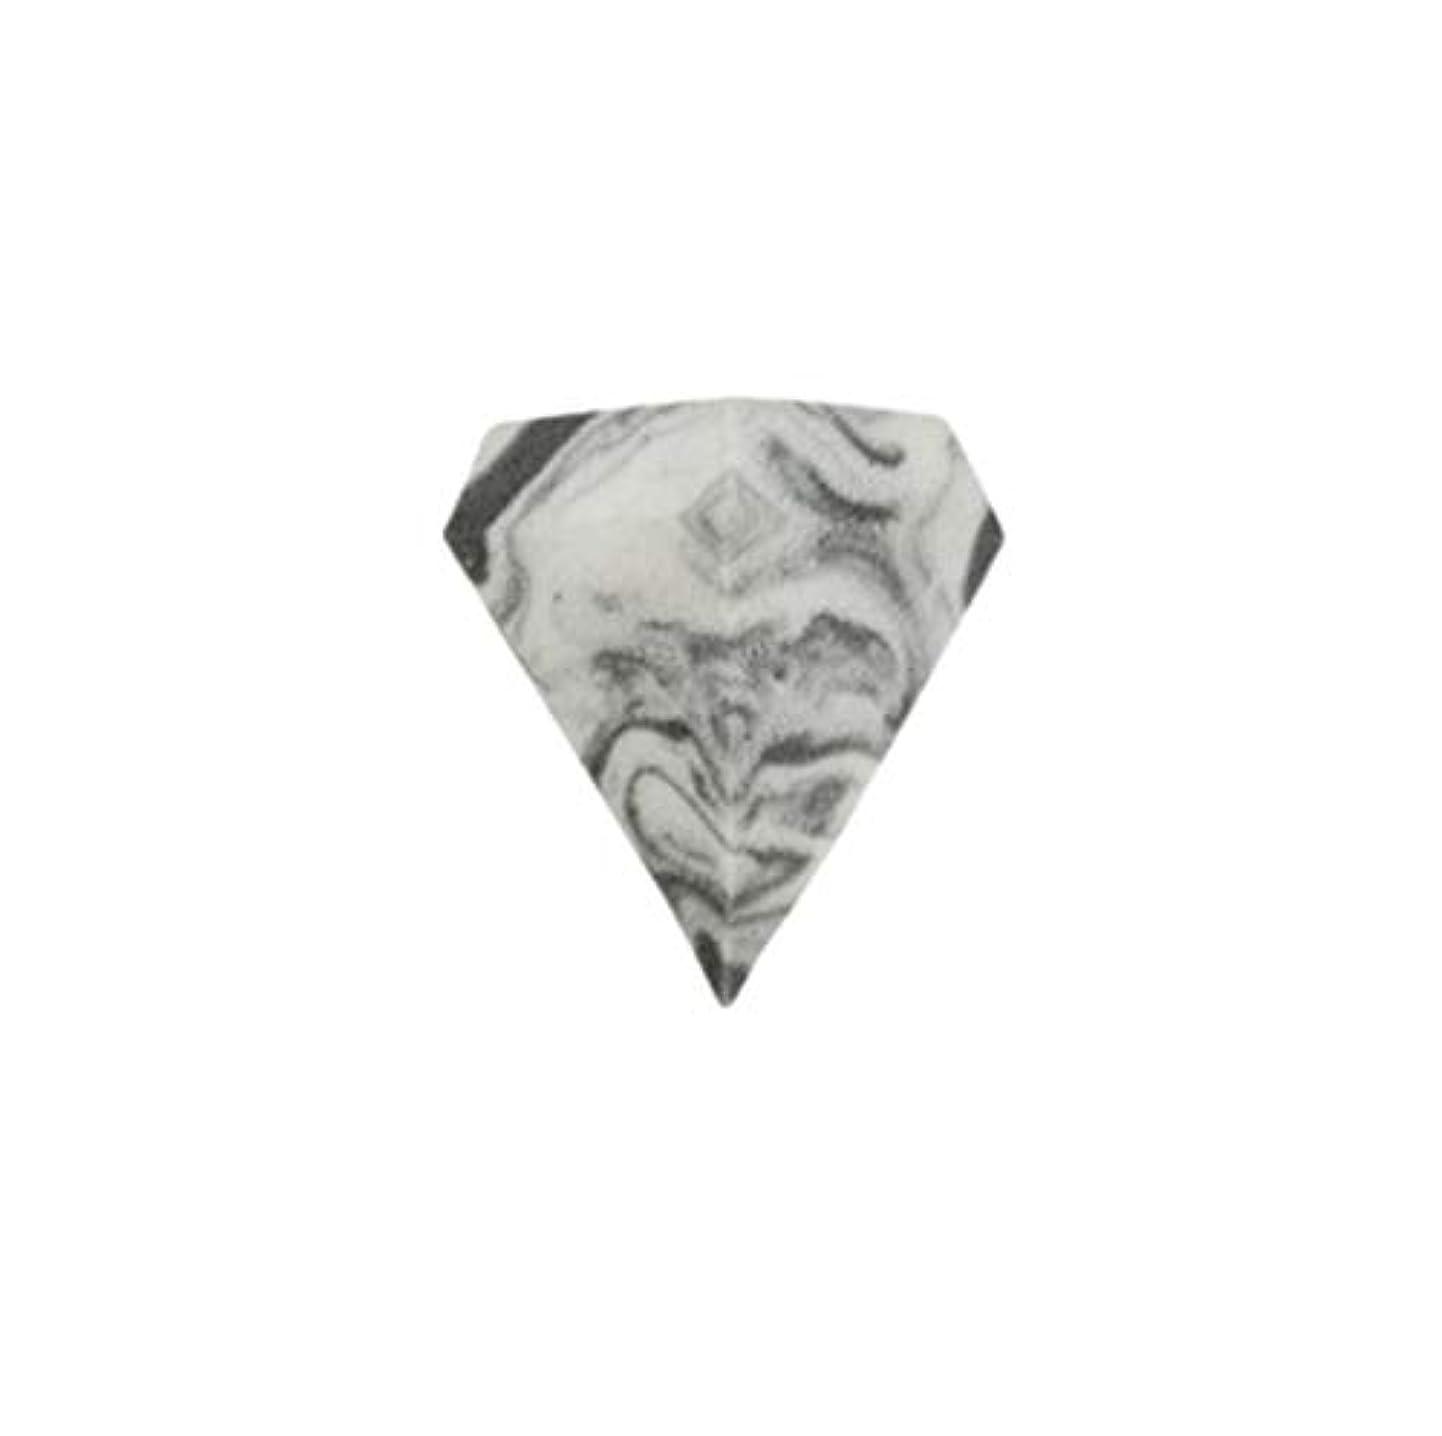 制裁要求被る美のスポンジ、柔らかいダイヤモンド形の構造の混合物の基礎スポンジ